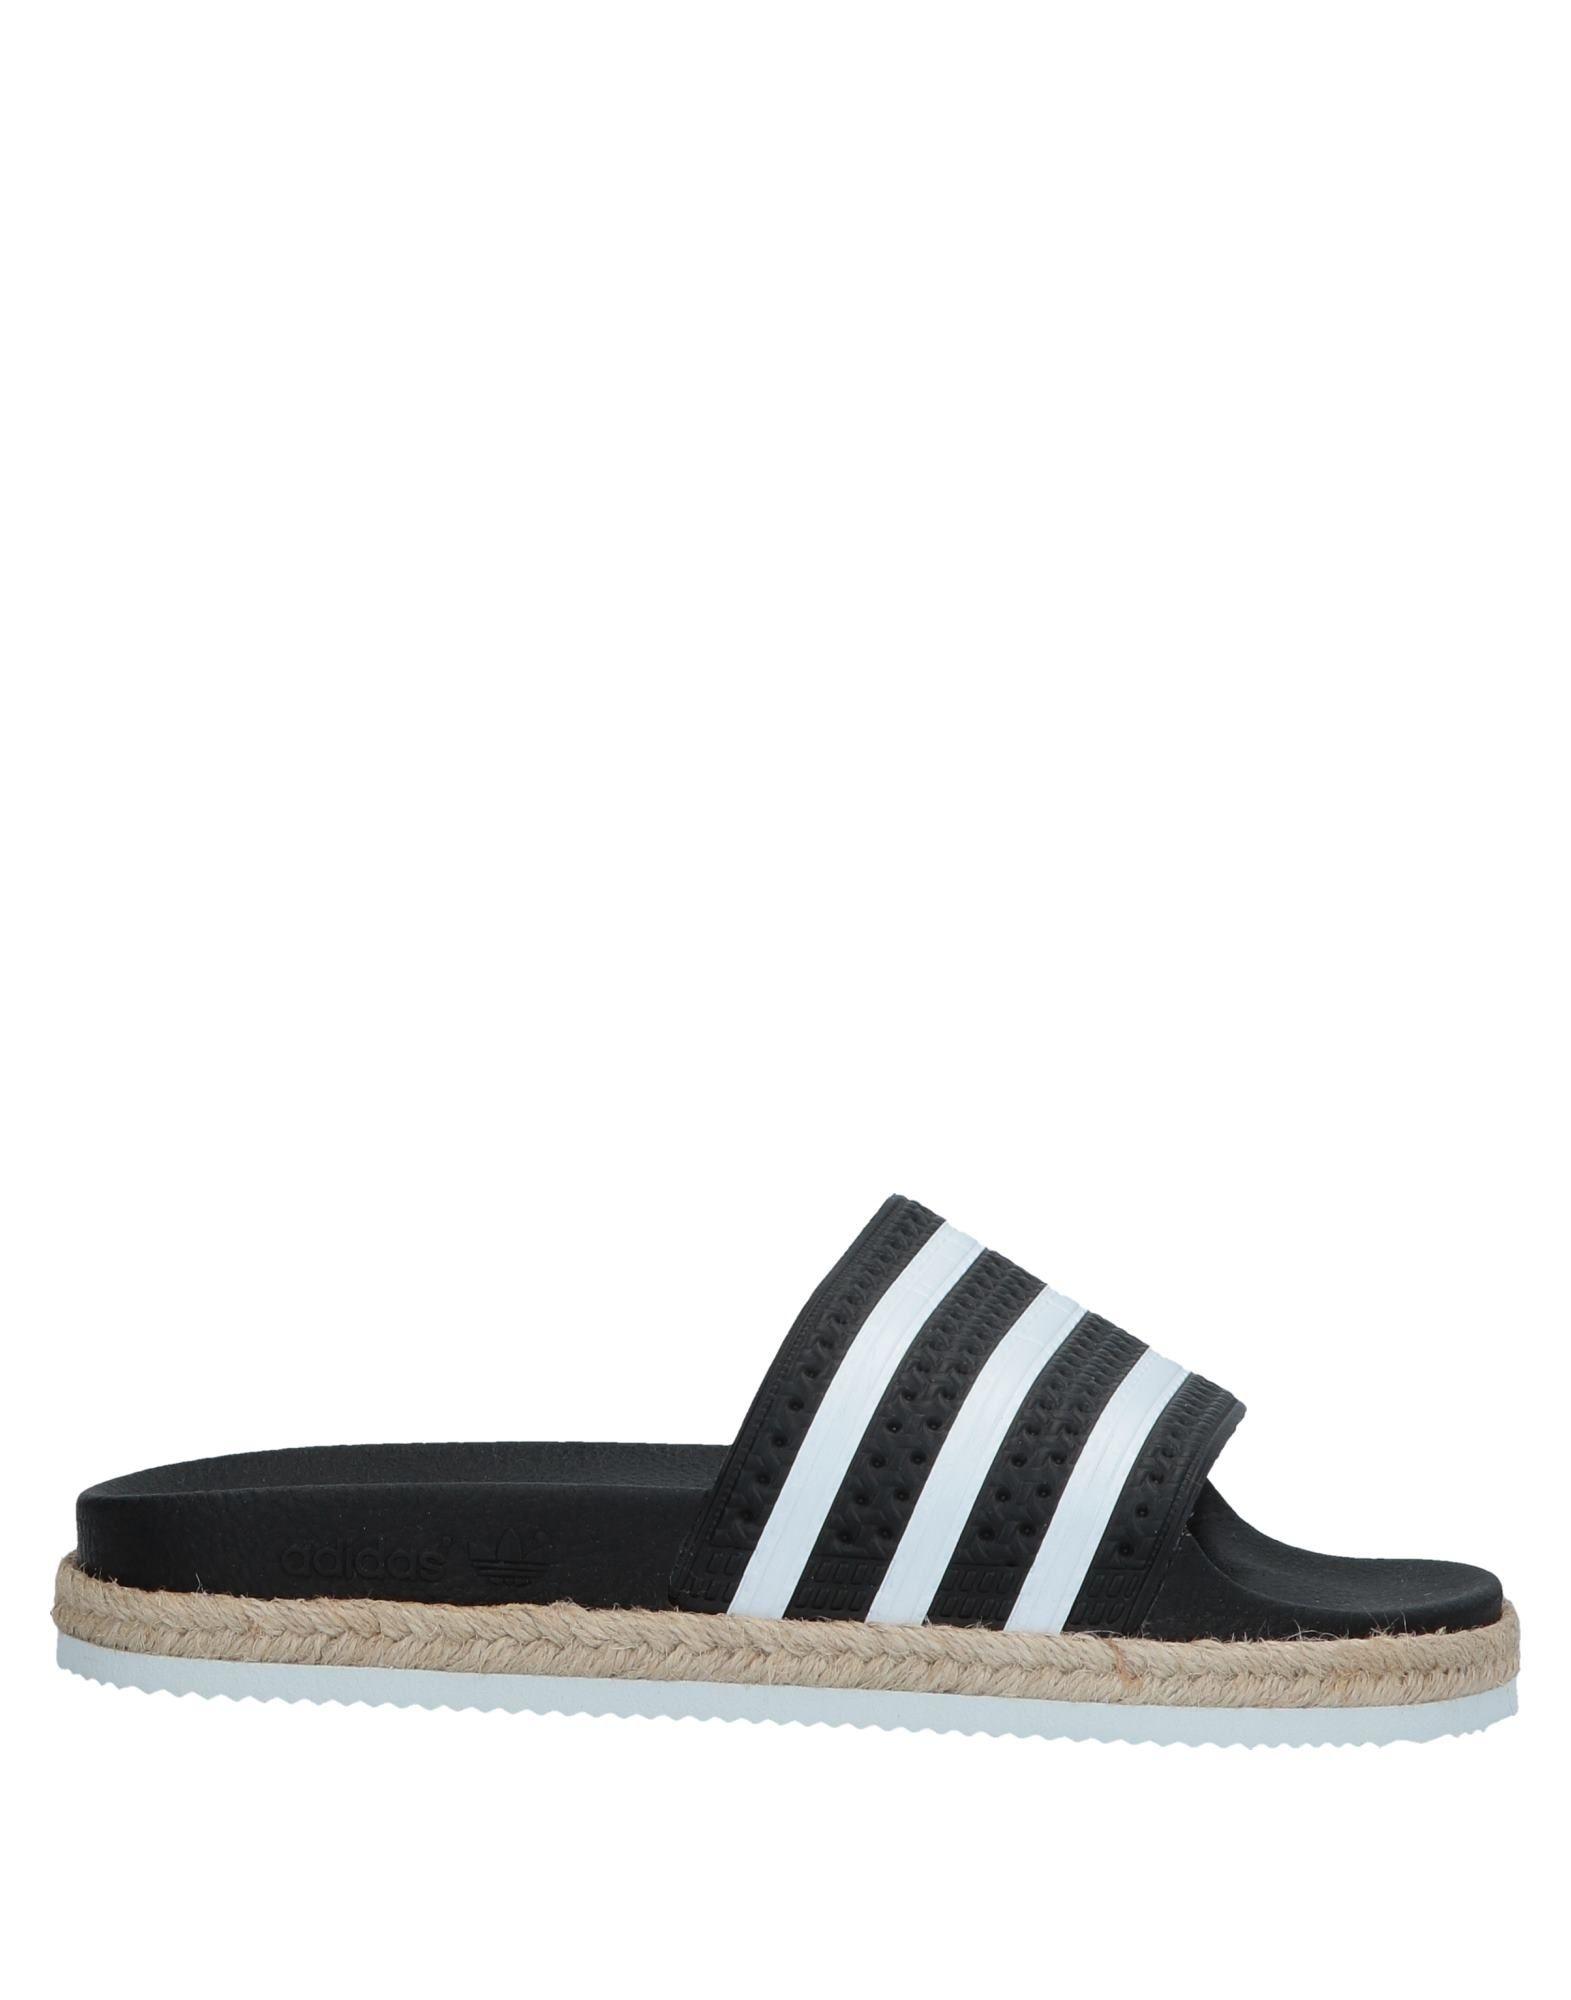 Adidas Originals Sandalen Damen lohnt Gutes Preis-Leistungs-Verhältnis, es lohnt Damen sich b3b541